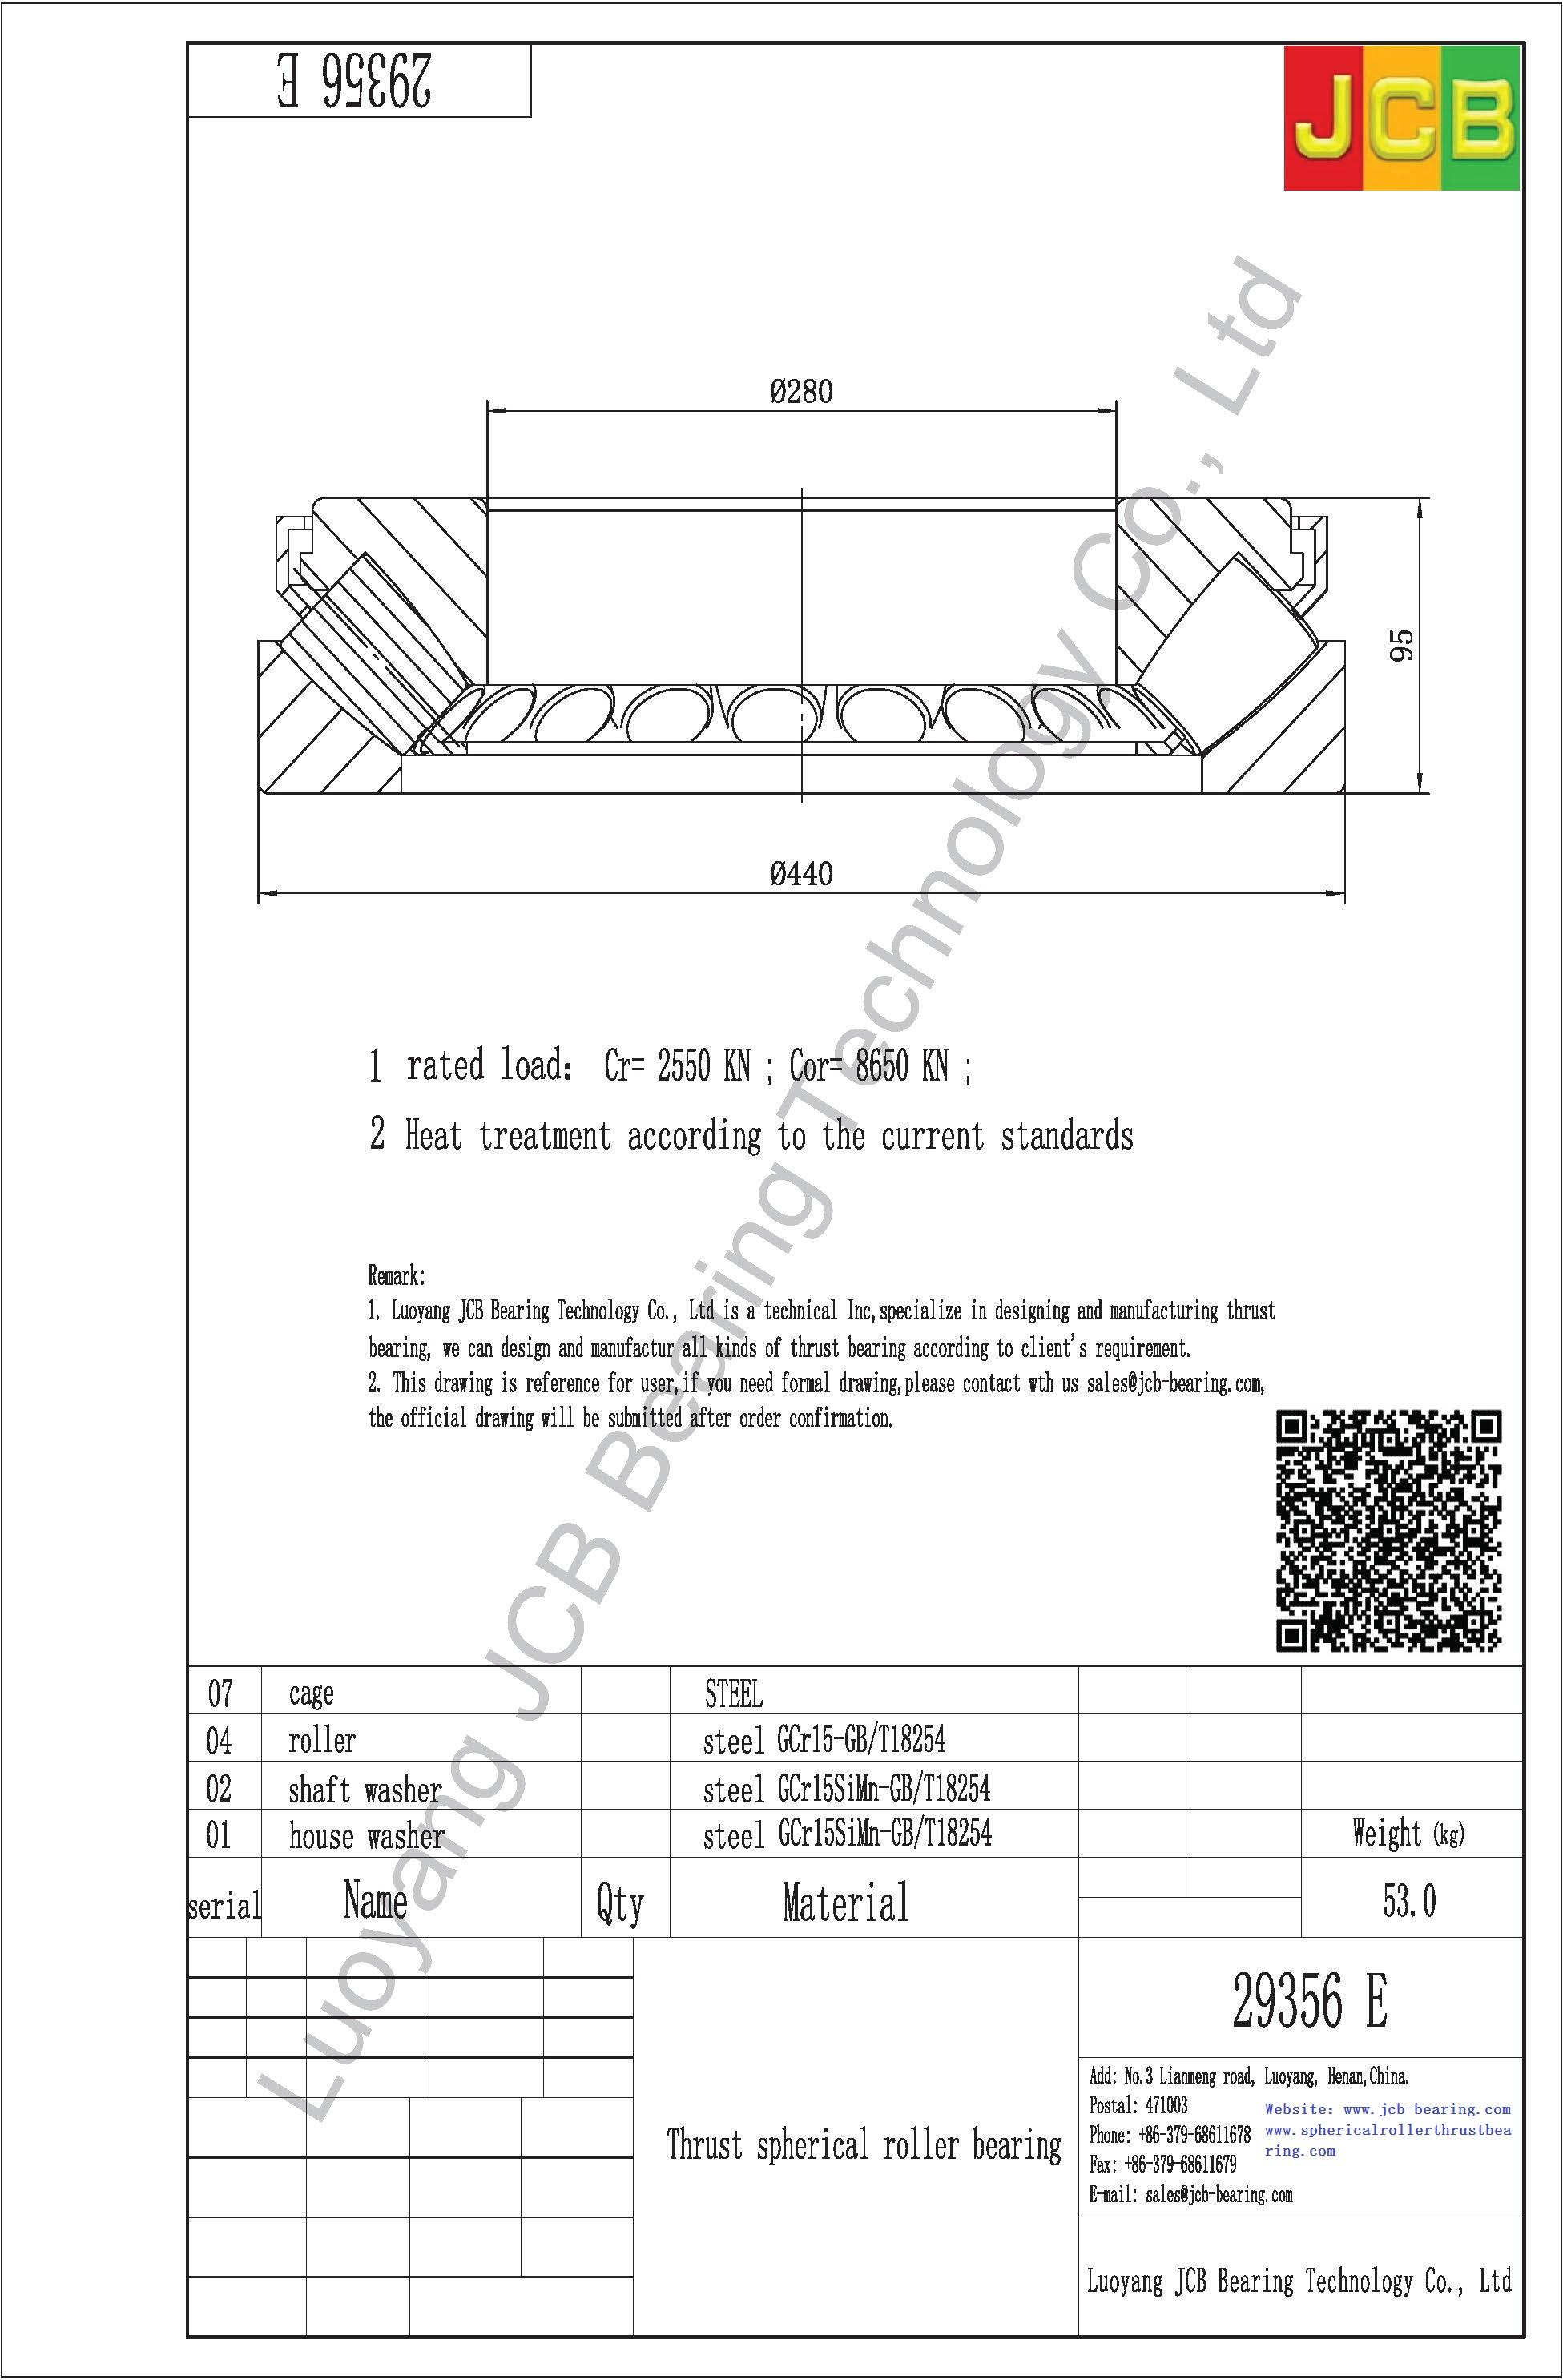 29356 E spherical roller thrust bearing